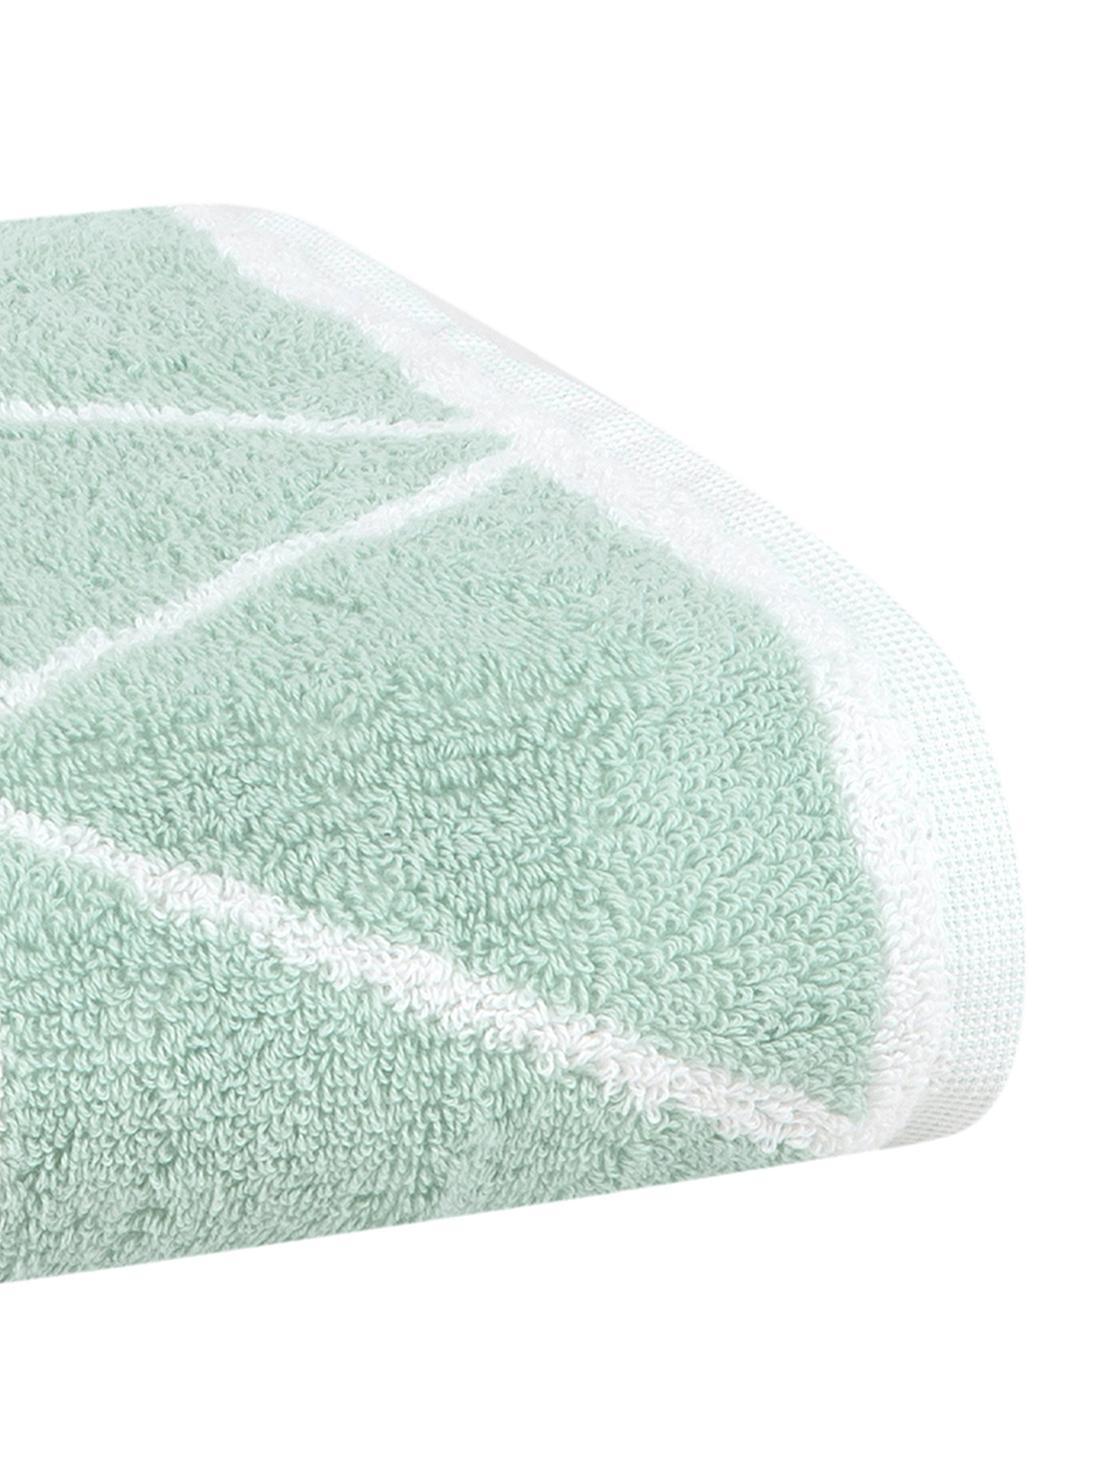 Asciugamano reversibile con motivo grafico Elina, Verde menta, bianco crema, Asciugamano